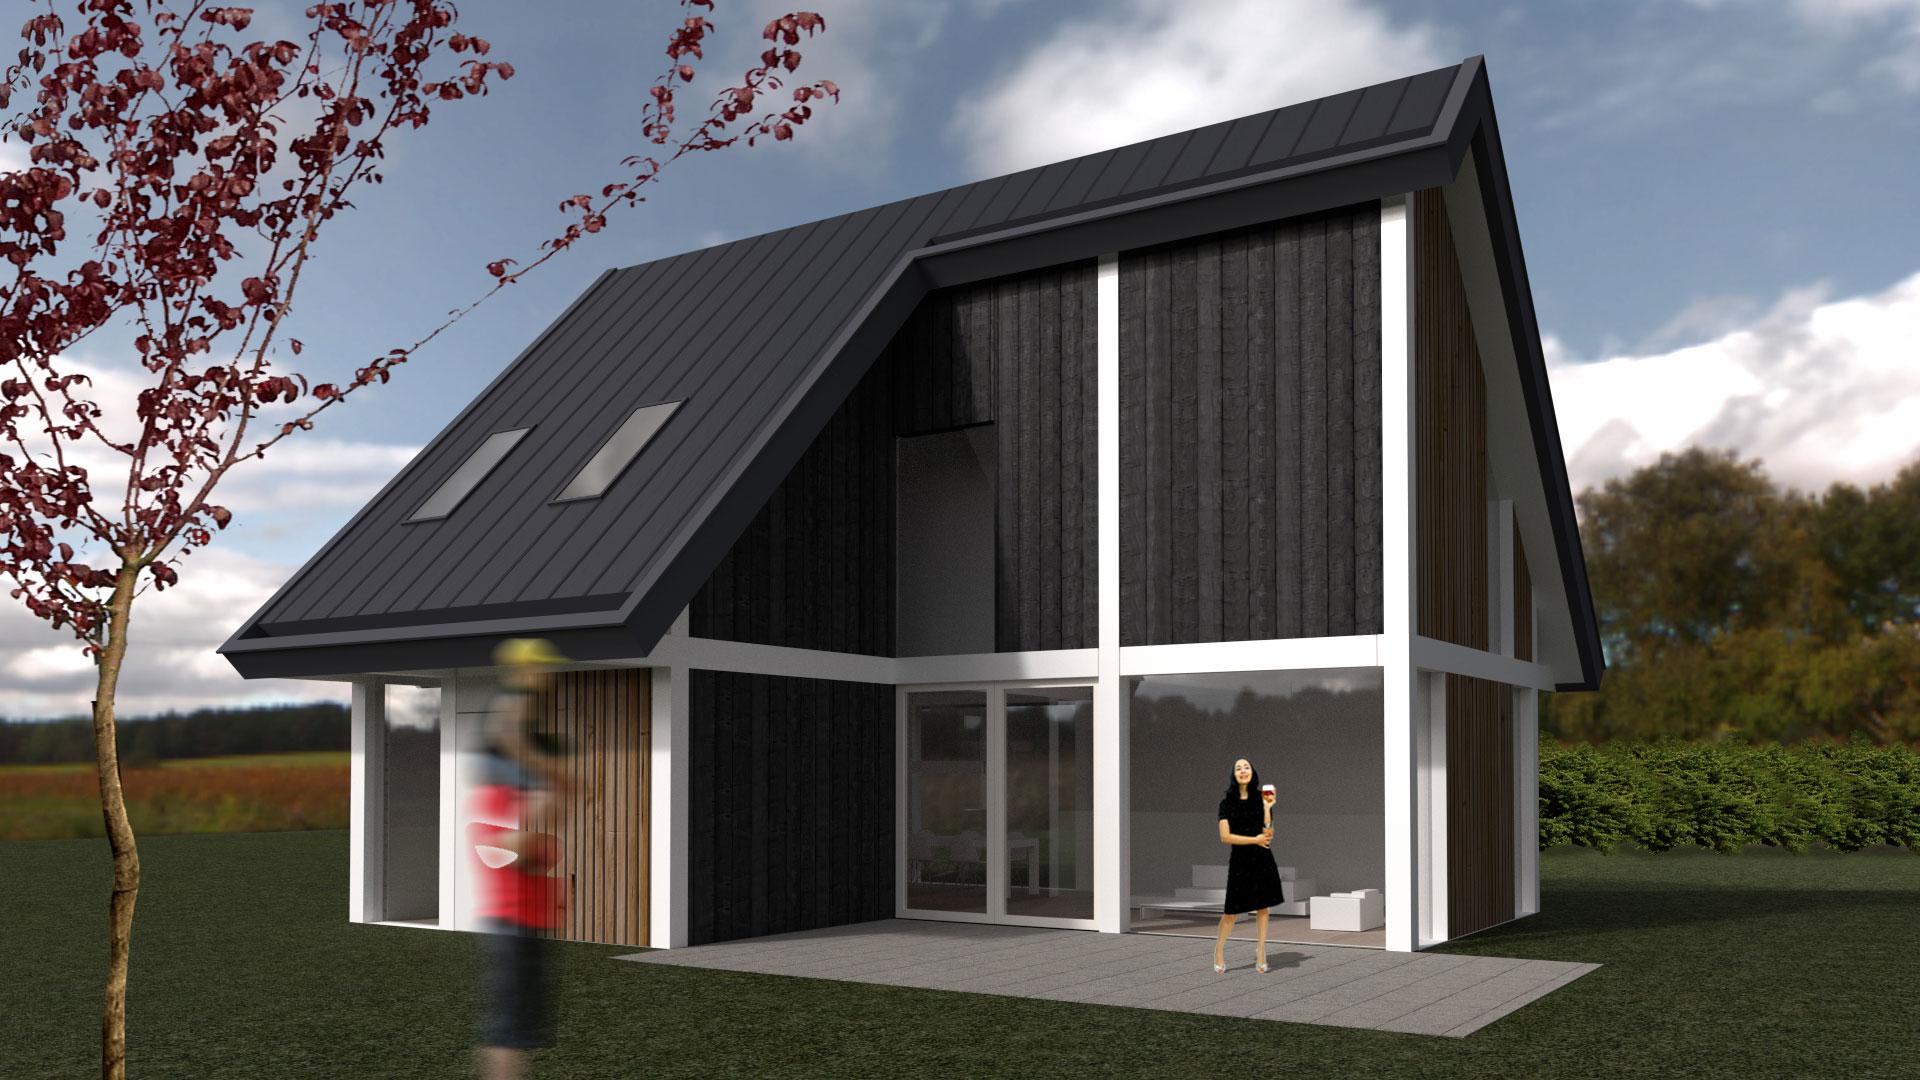 Schuur Bouwen Prijzen : Magazijn bouwen kostprijs